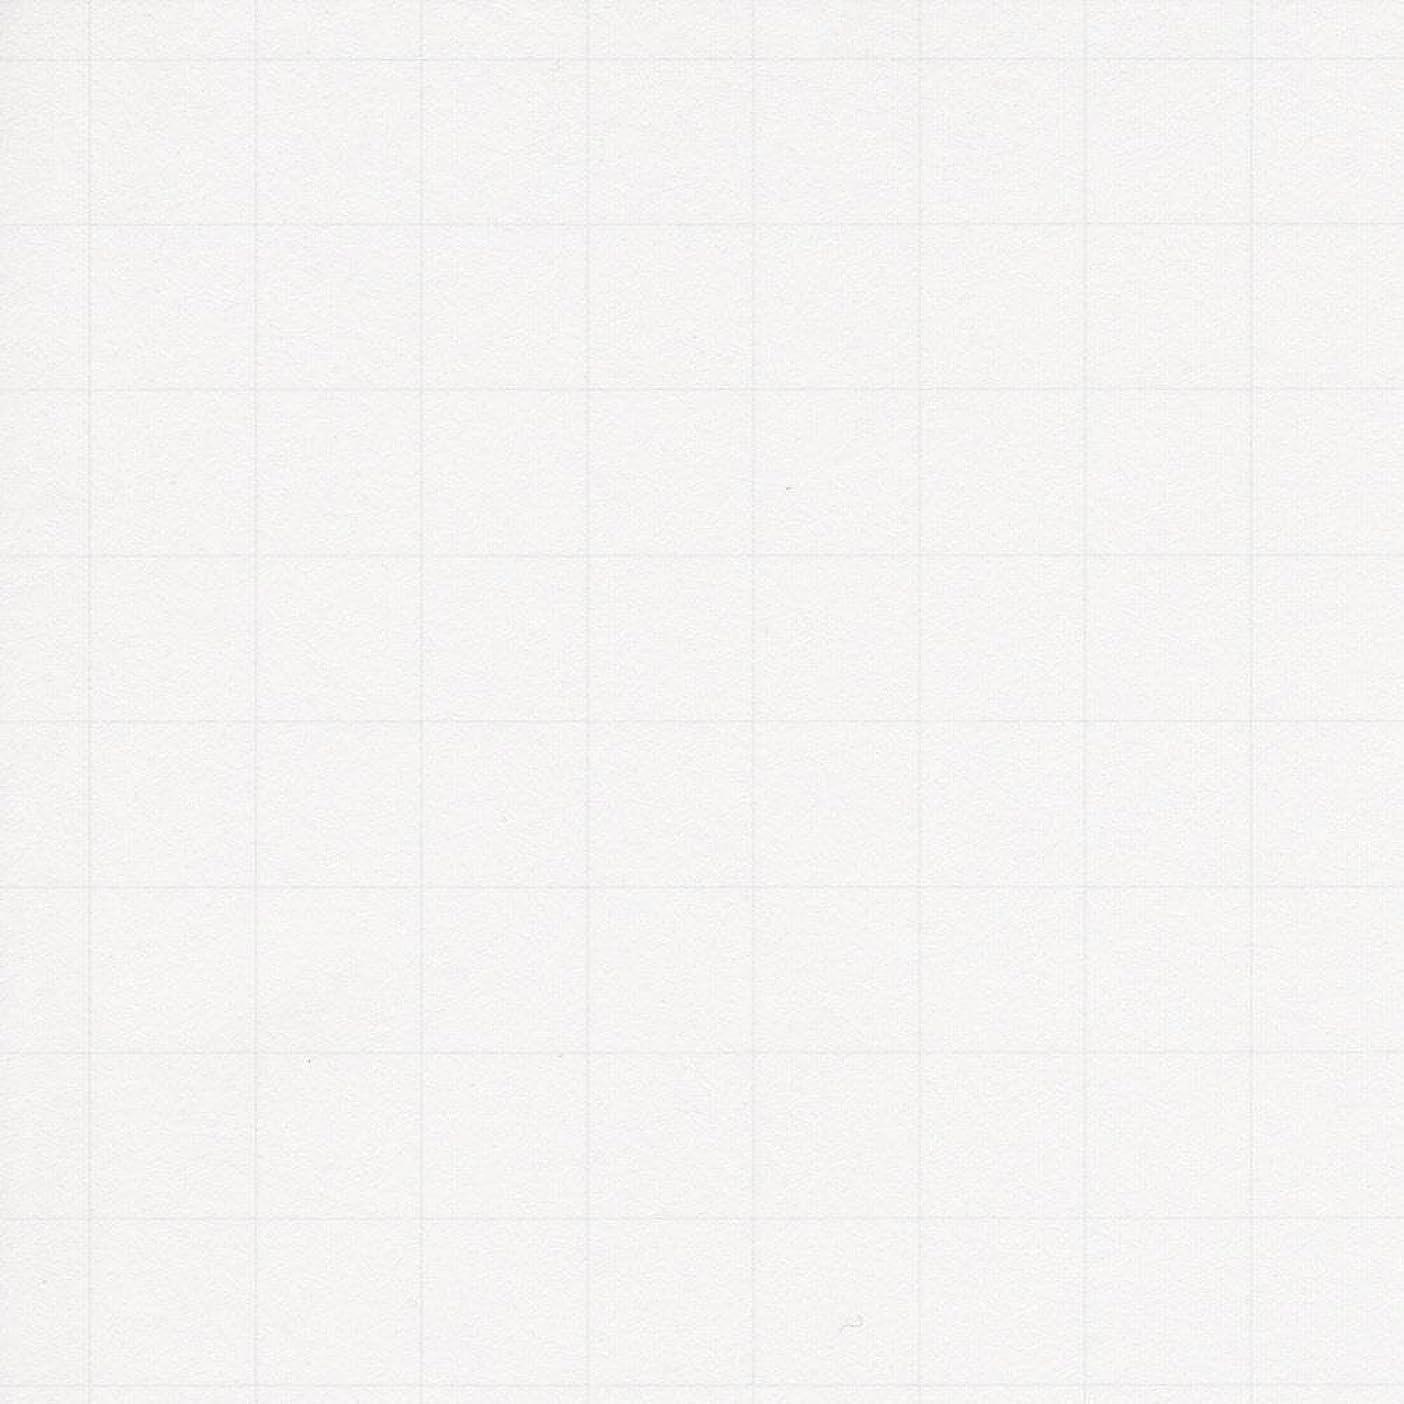 学者モザイク修理可能大王製紙 色上質紙 厚口 A3 50枚 選べる32色 桃 カラー用紙